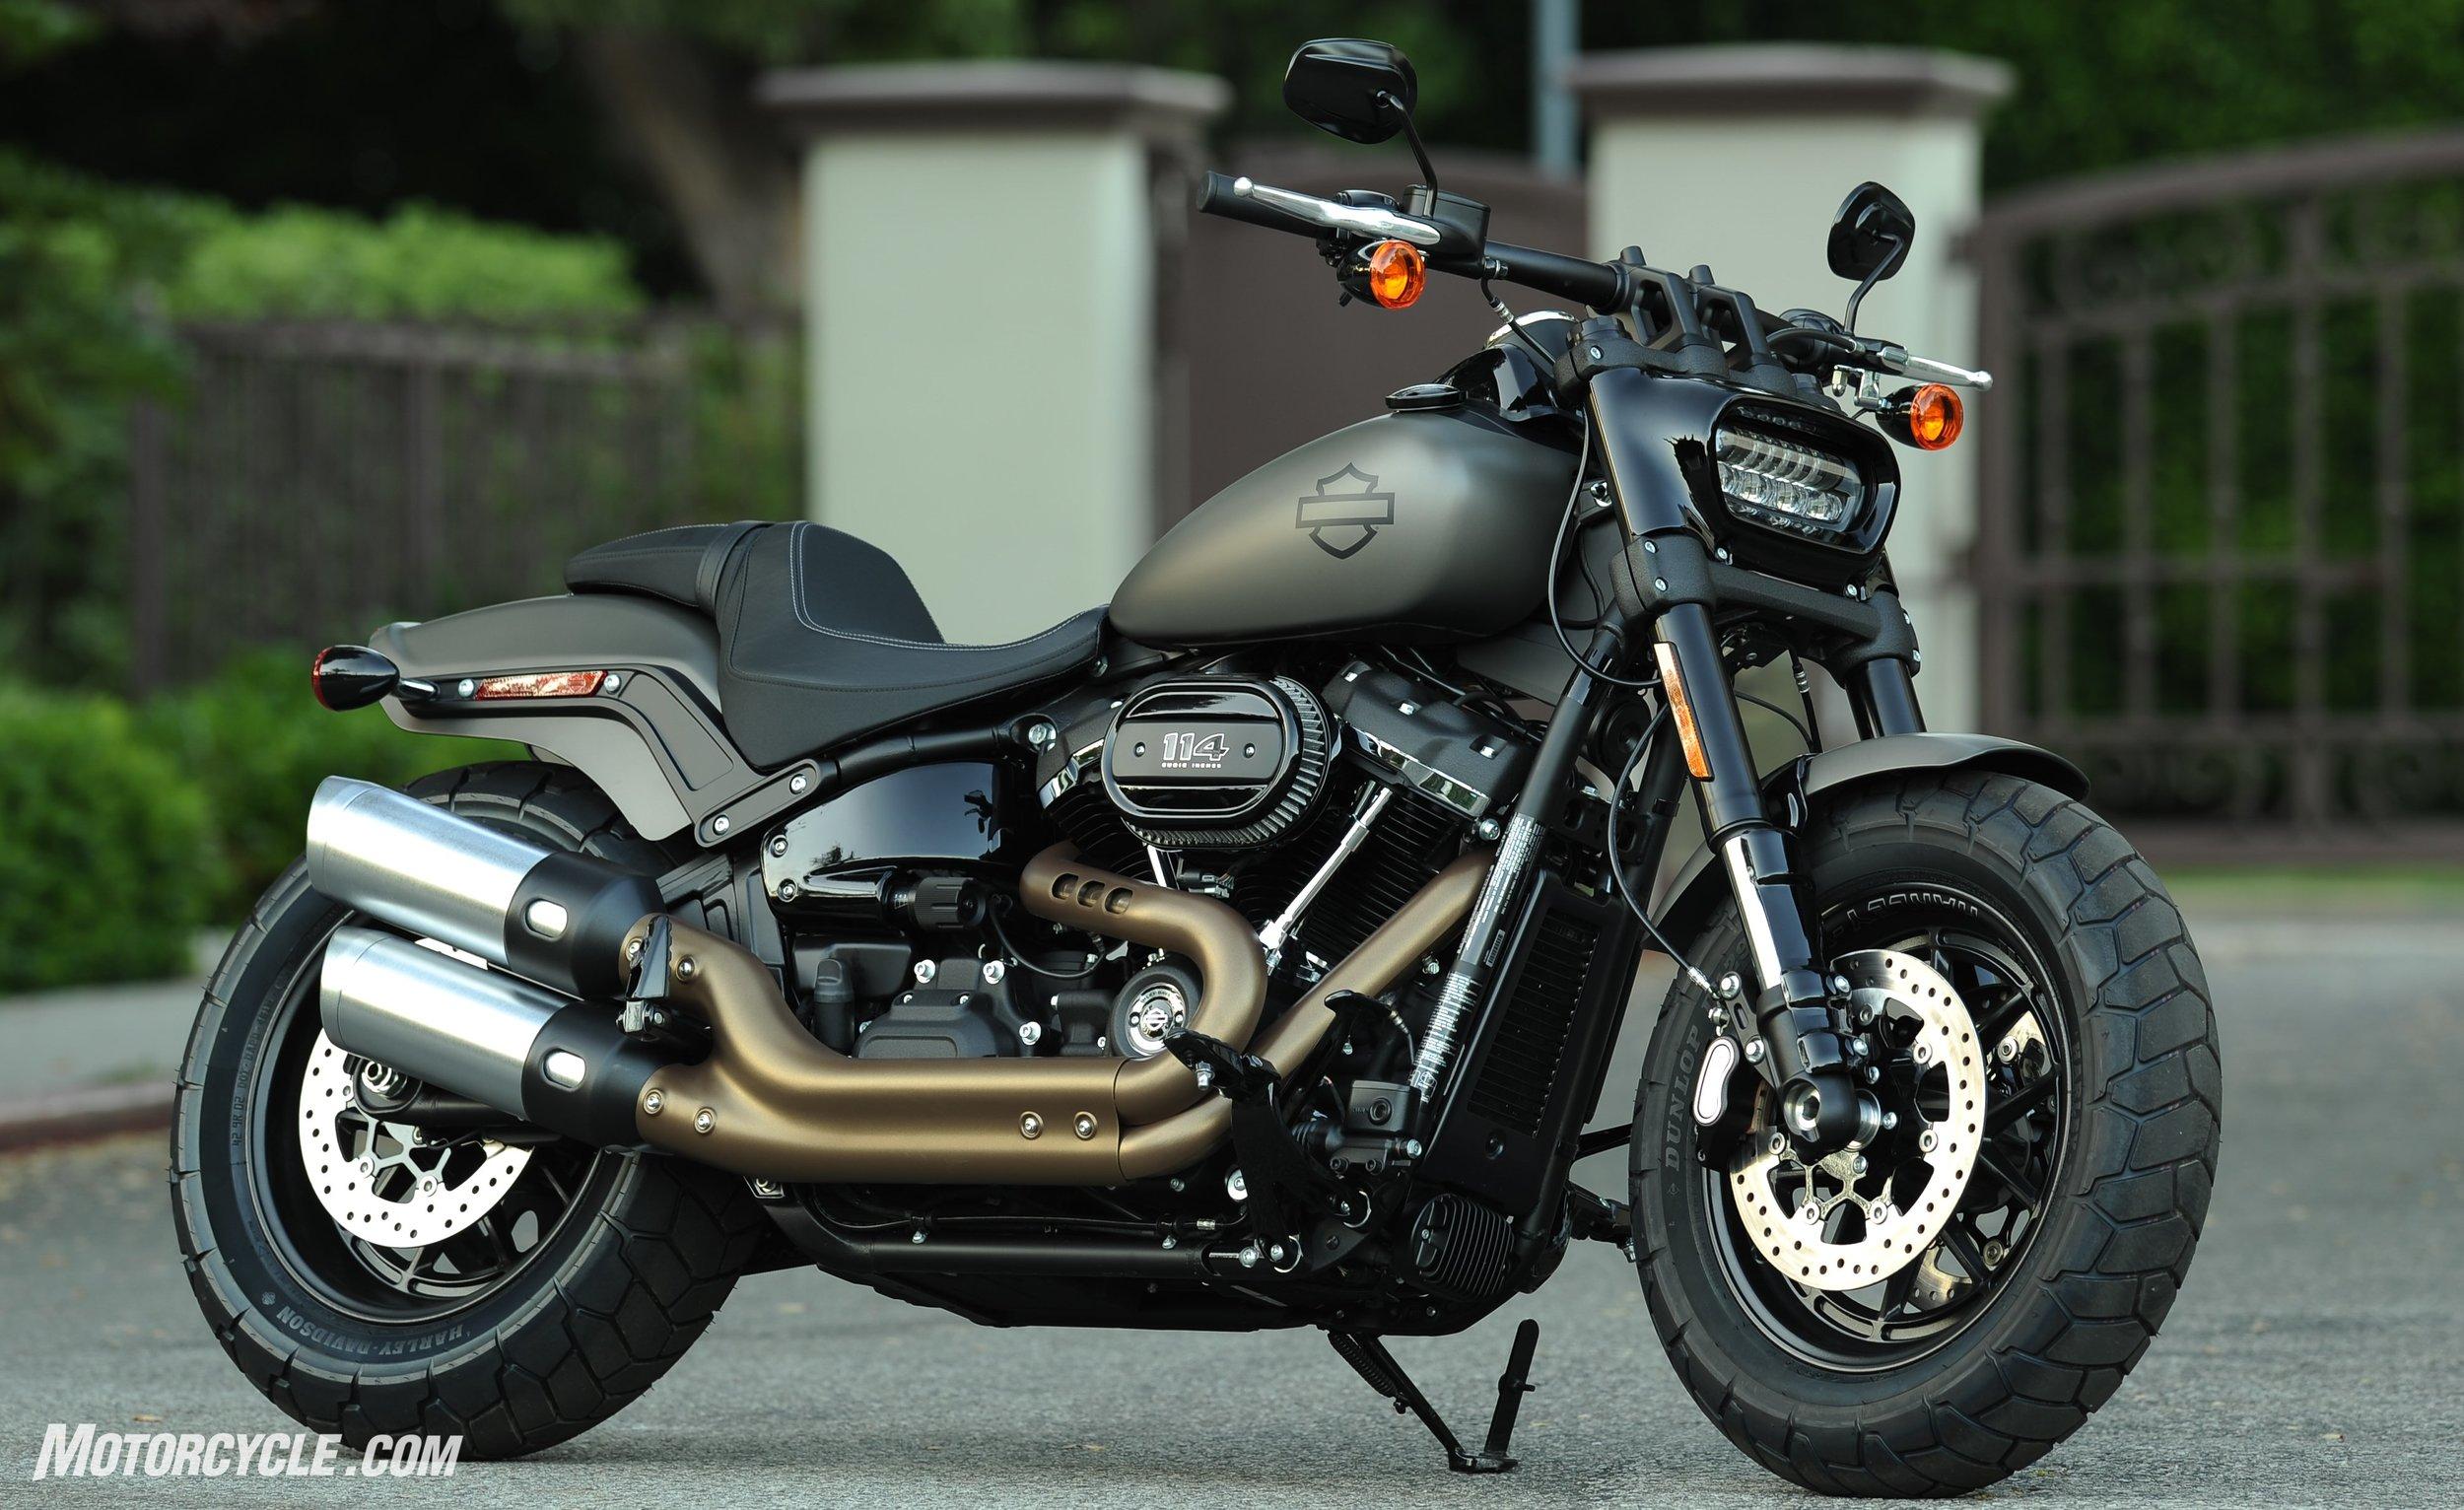 083117-Harley-Davidson-Fat-Bob-9949.jpg